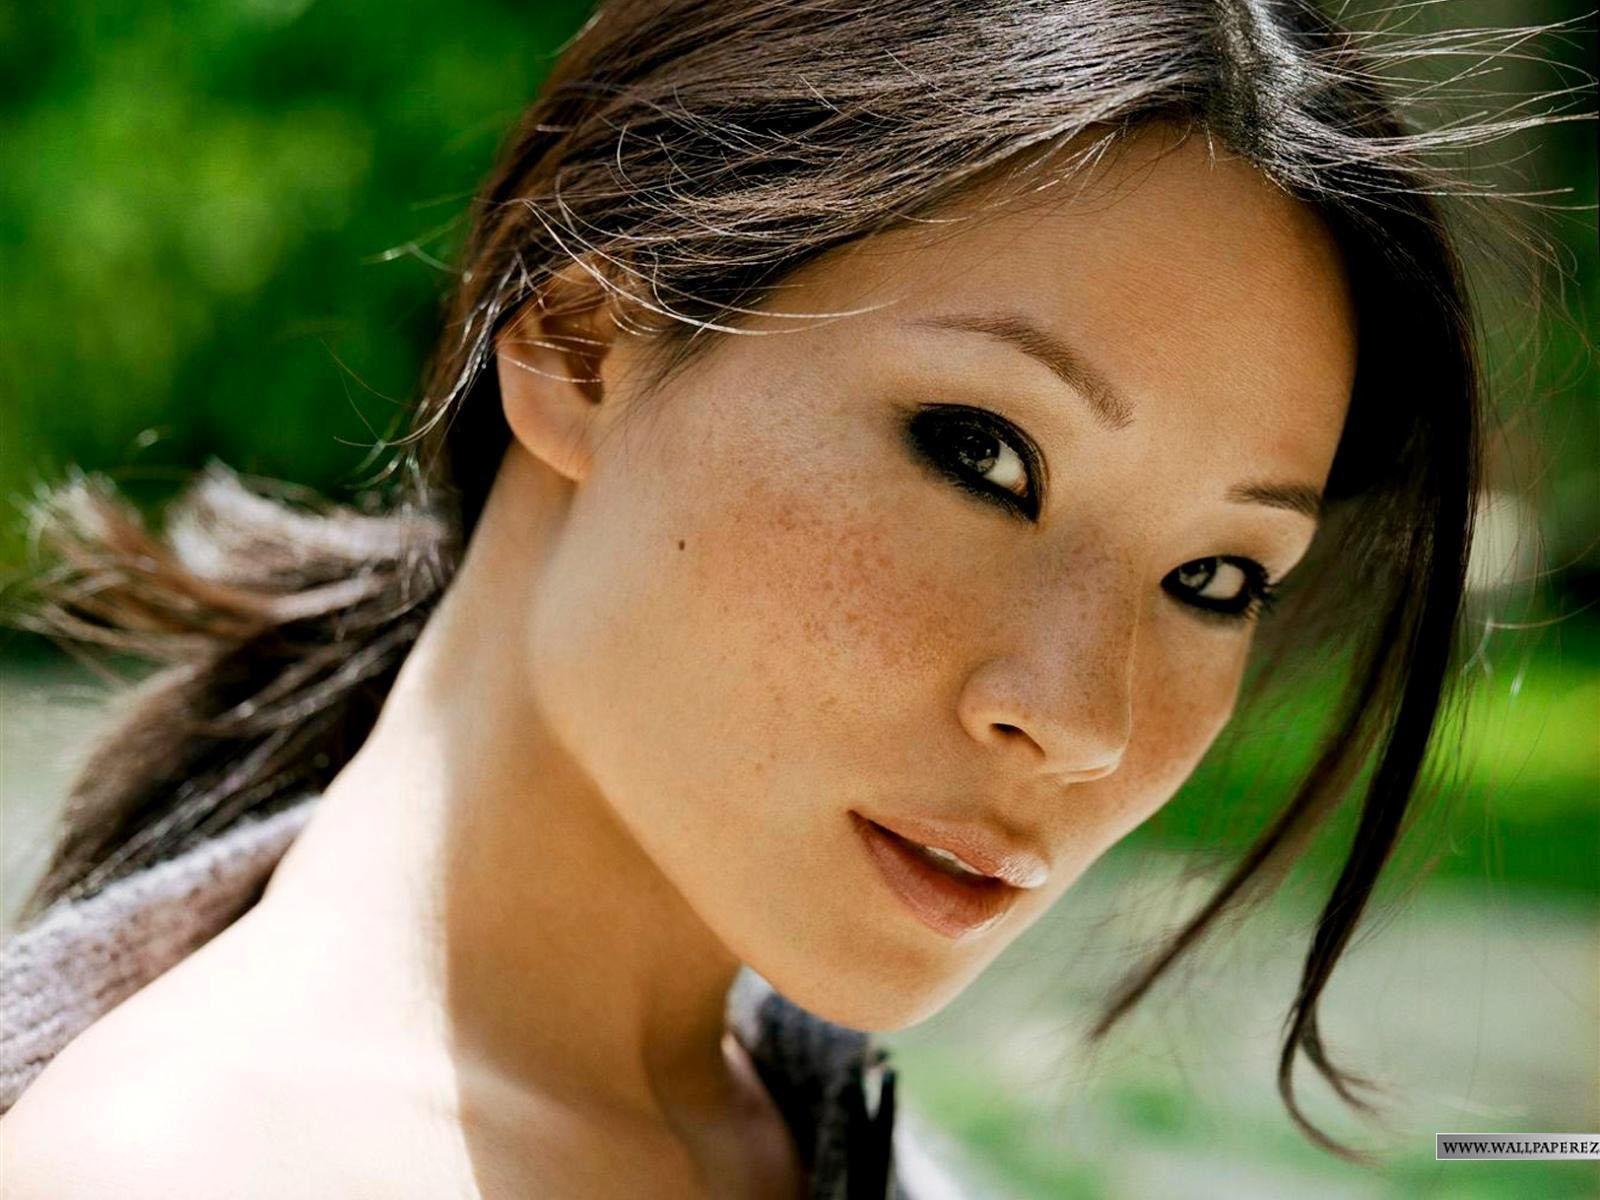 http://2.bp.blogspot.com/_hJVox6-vy_4/TRCt-5UAawI/AAAAAAAAA74/JJCCROa6jhU/s1600/Lucy%20Liu%20%2814%29.jpg